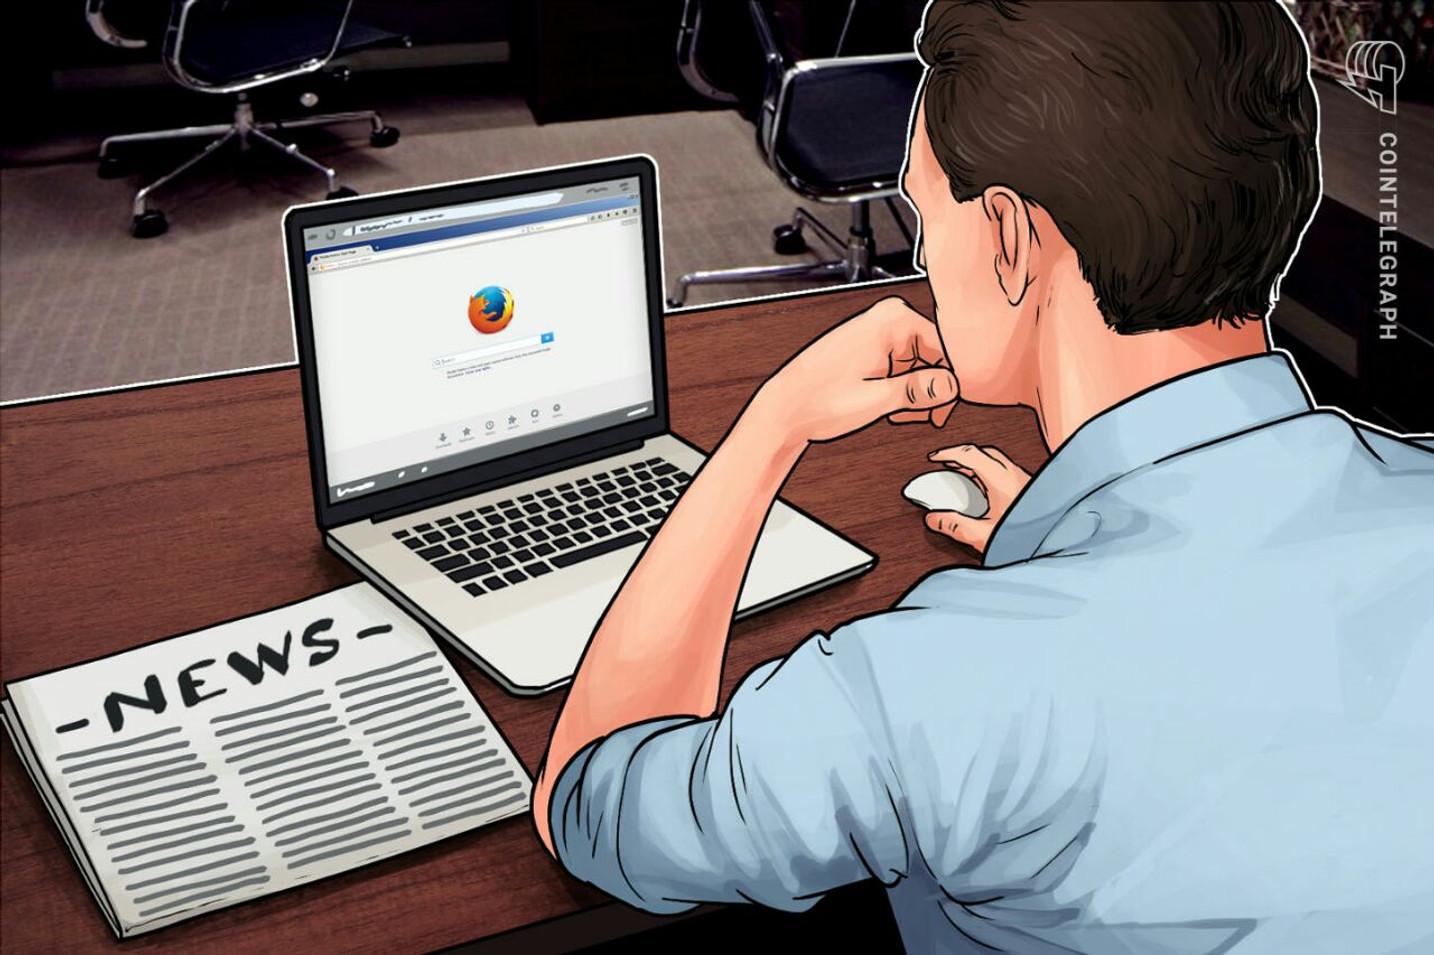 Firefox bloquea malware de cryptojacking en nuevas versiones del navegador